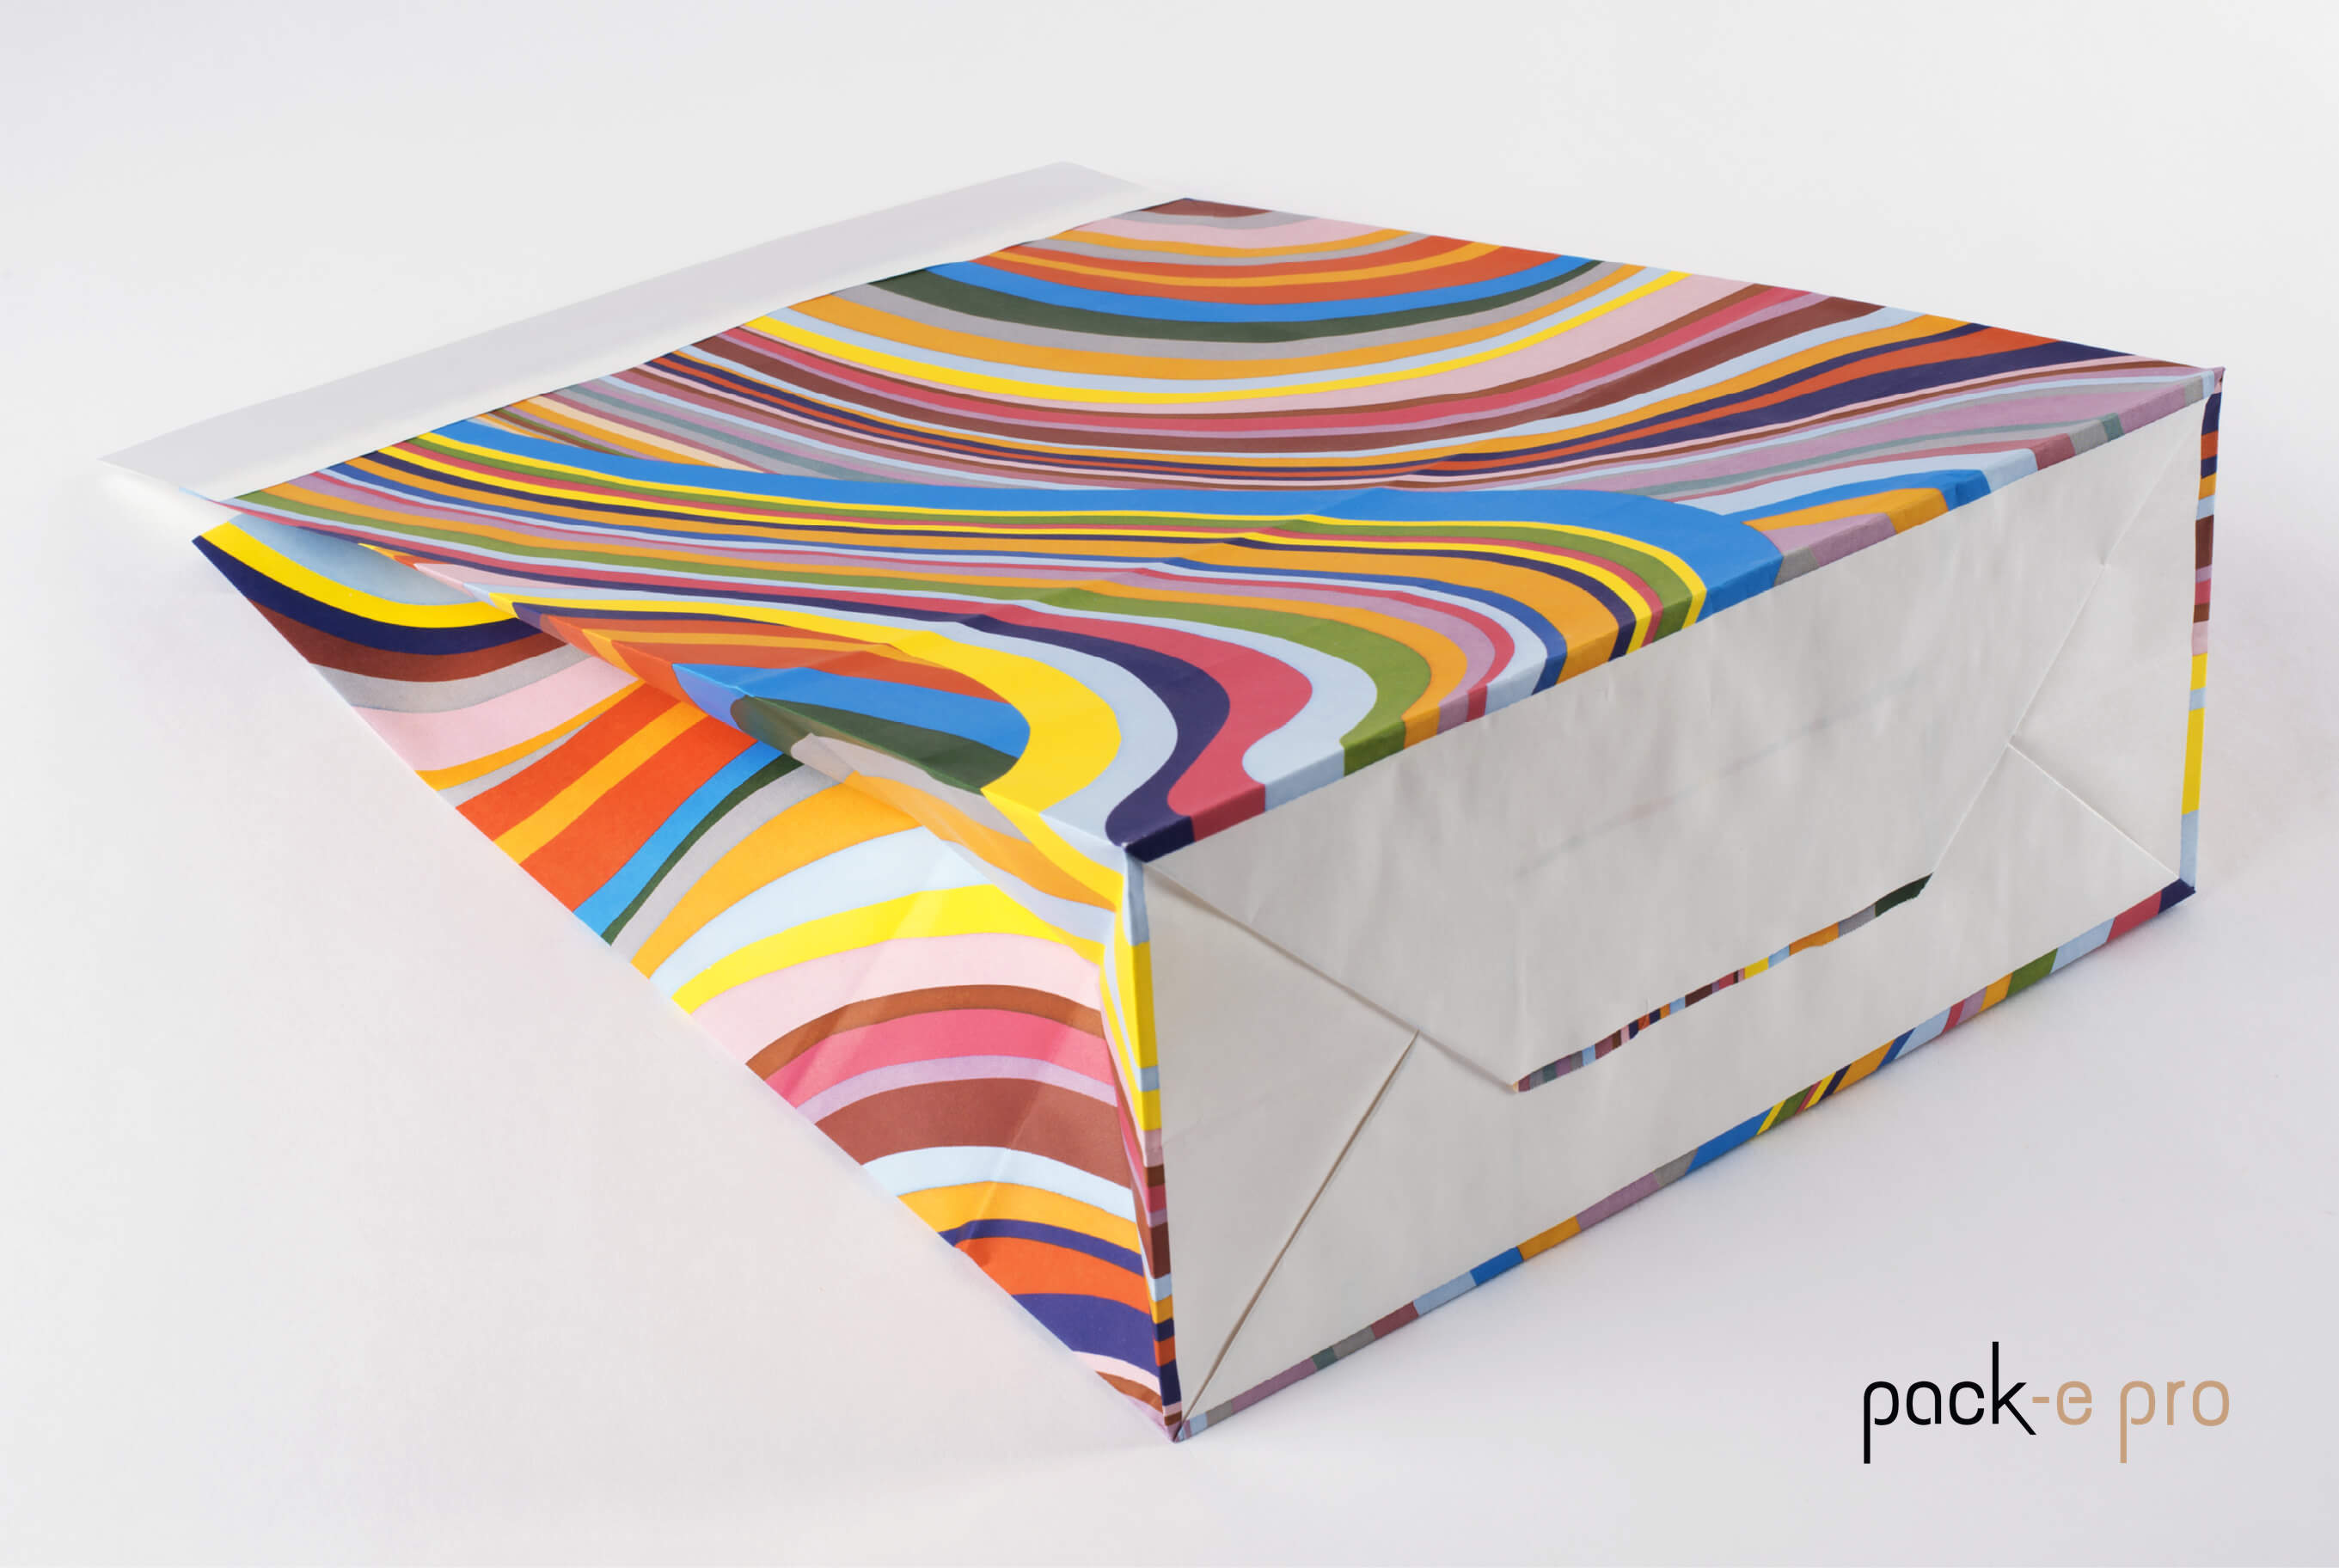 Papierversandtaschen-flexiPAK-classic-pr